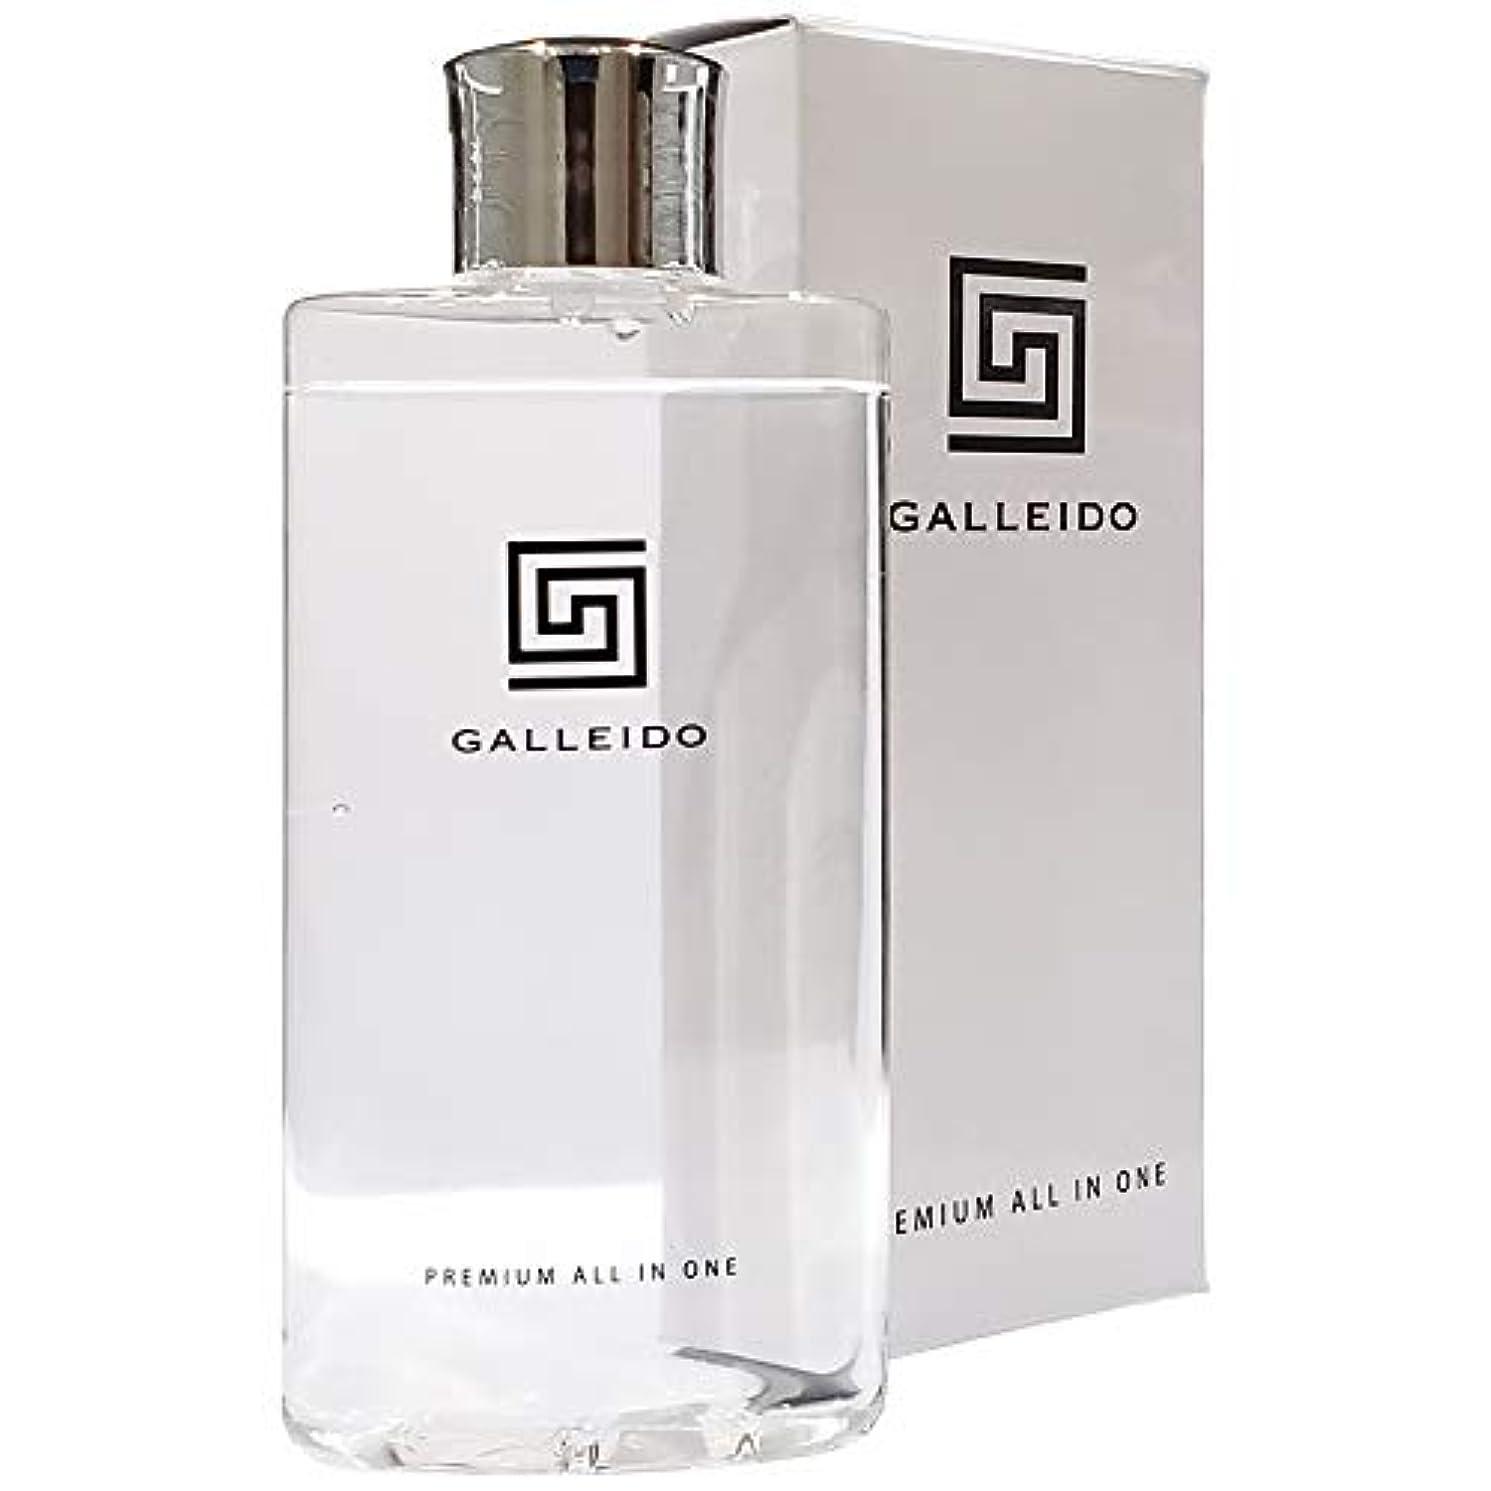 助手紳士気取りの、きざな発明するGALLEIDO PREMIUM ALL IN ONE(ガレイド プレミアム オールインワン化粧水)(メンズコスメ 男性 化粧水)(単品)